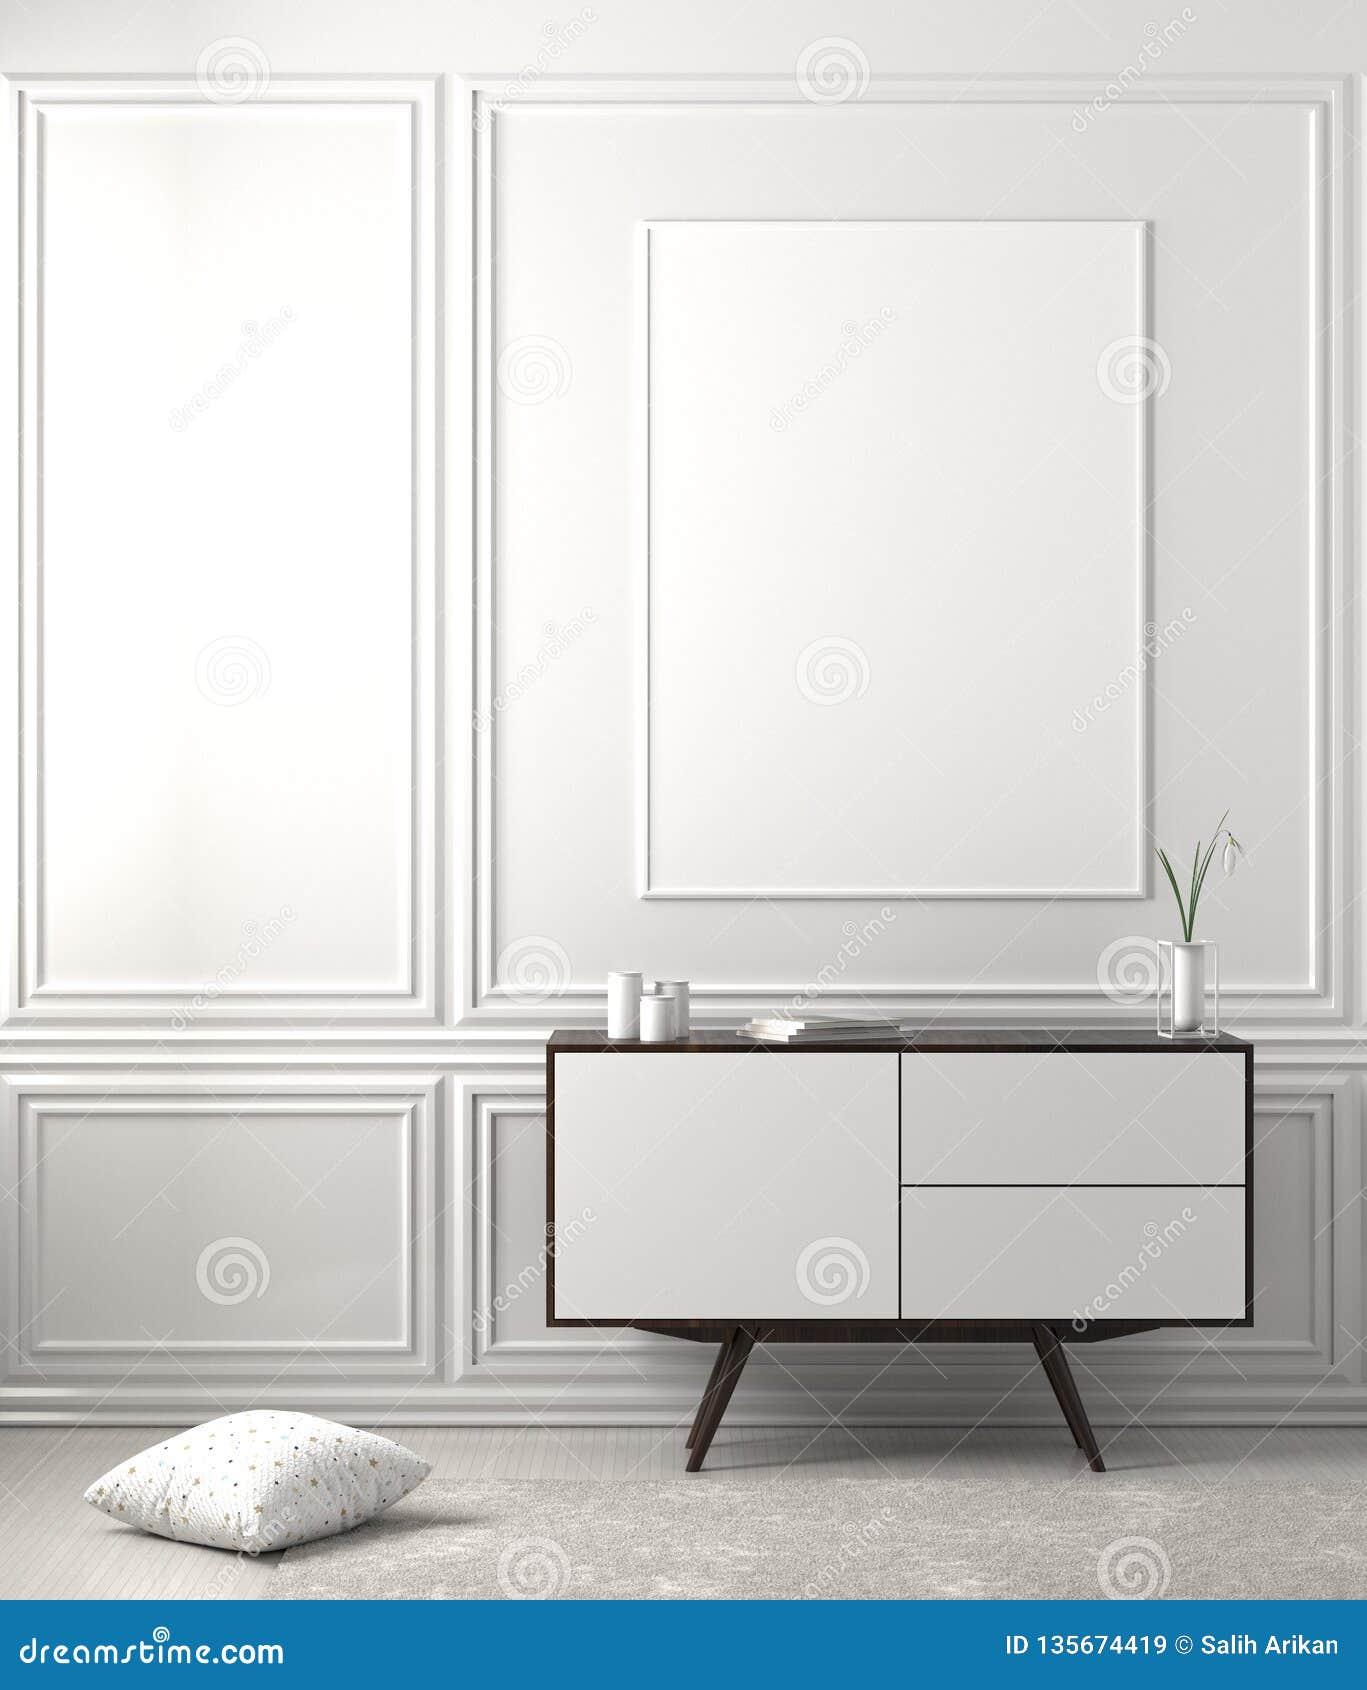 Zombe acima do quadro do cartaz no interior escandinavo do moderno do estilo ilustração 3D